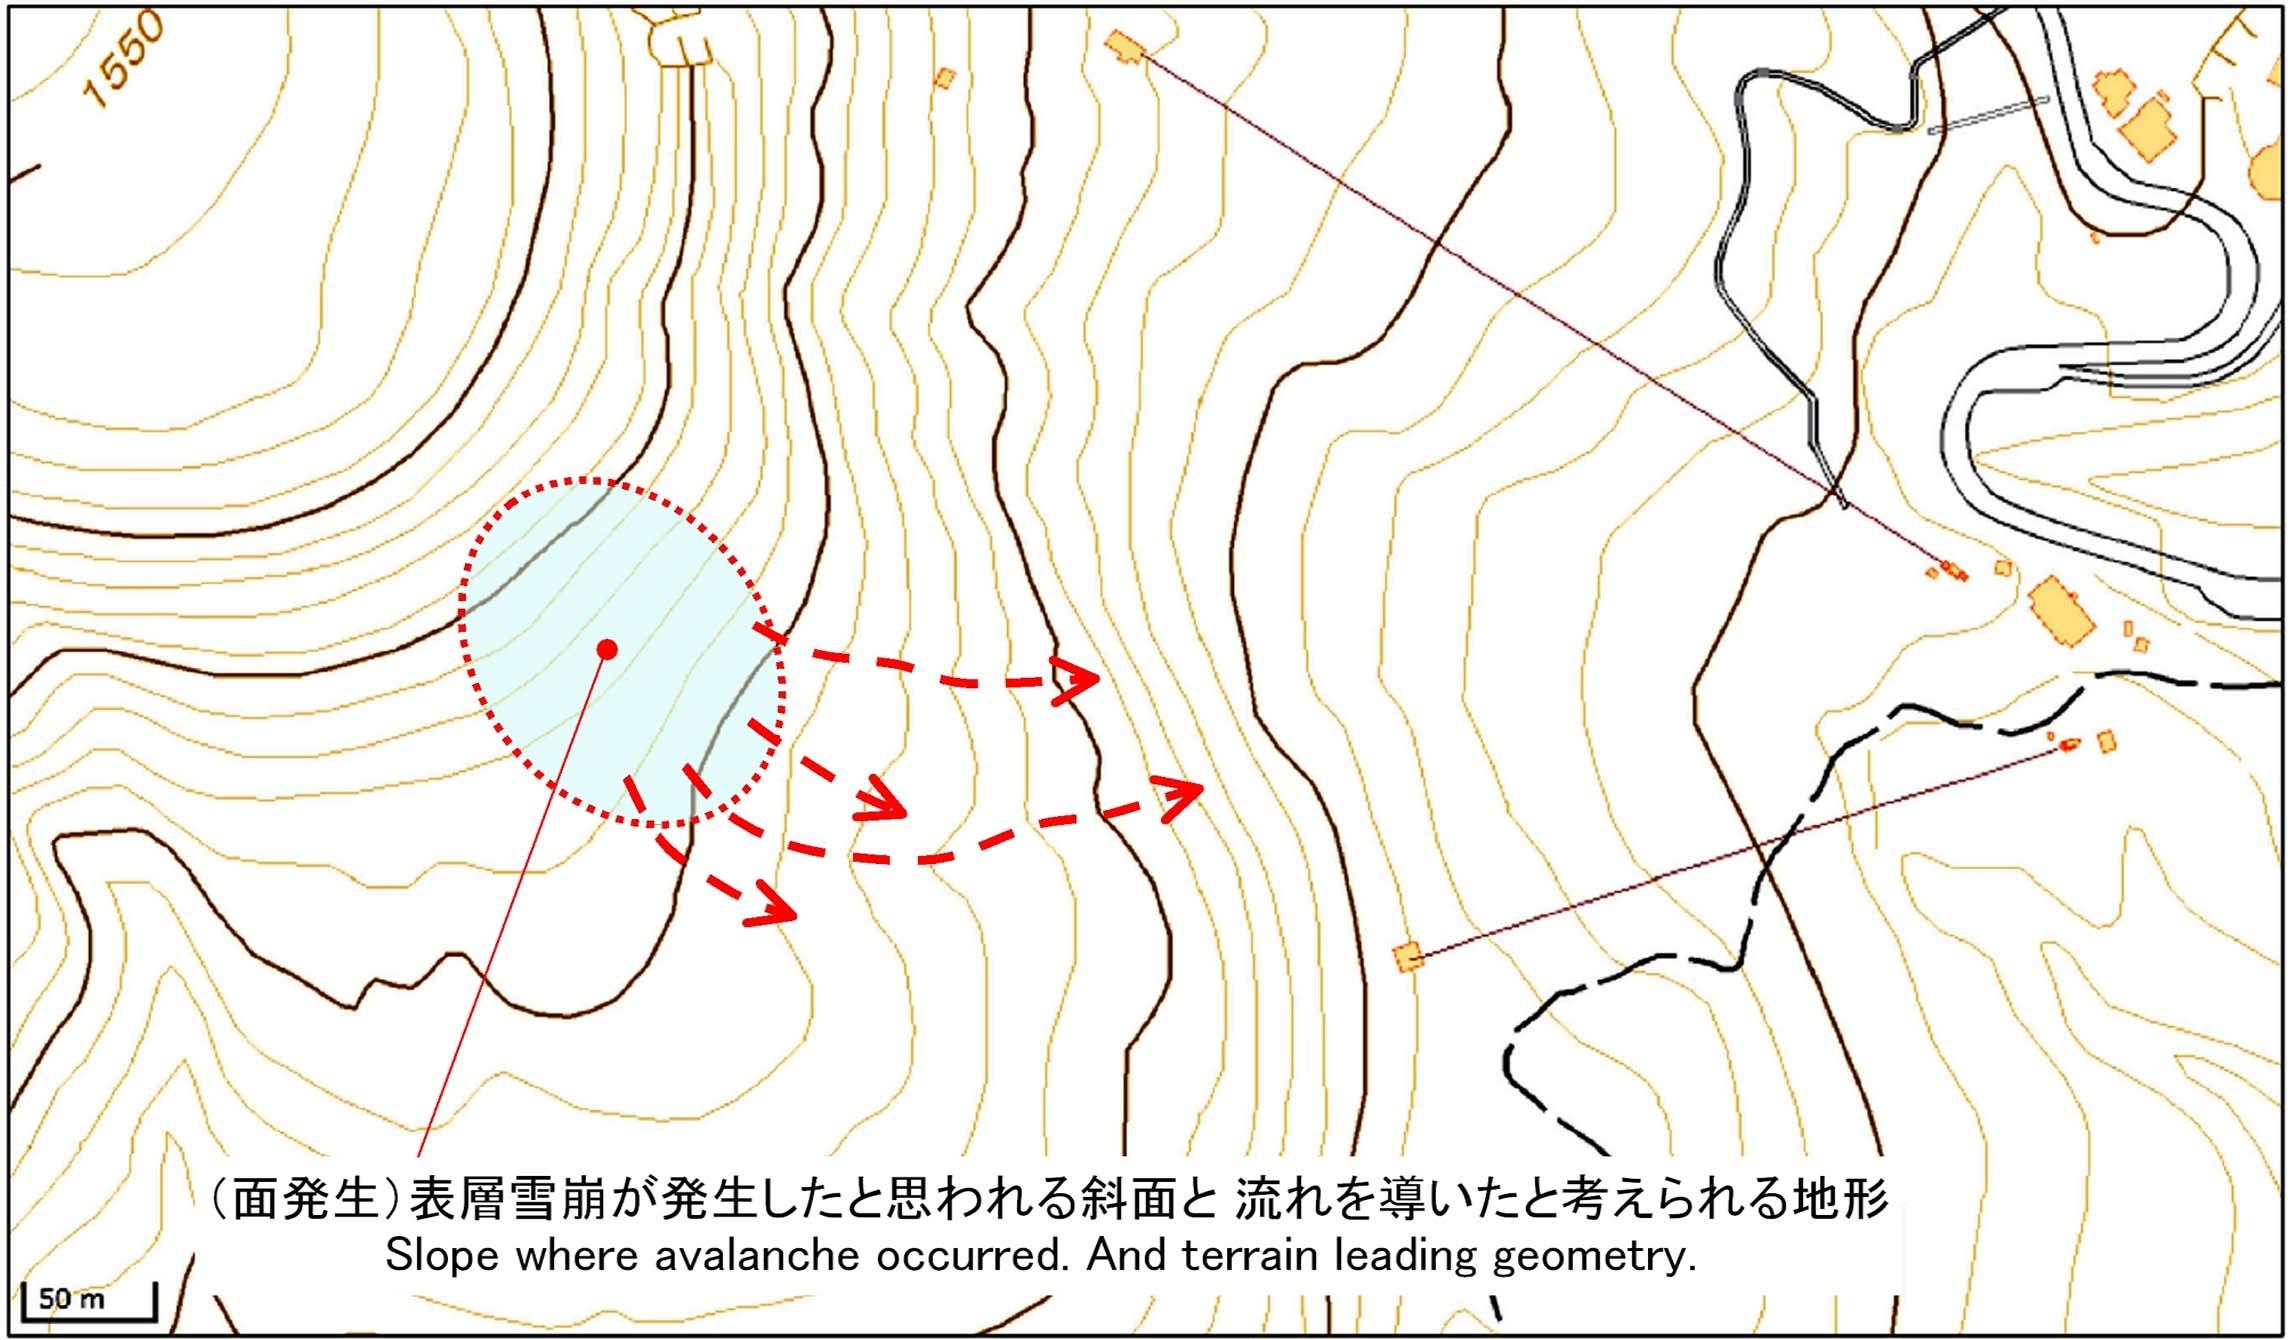 那須の雪崩事故現場周辺図(2)